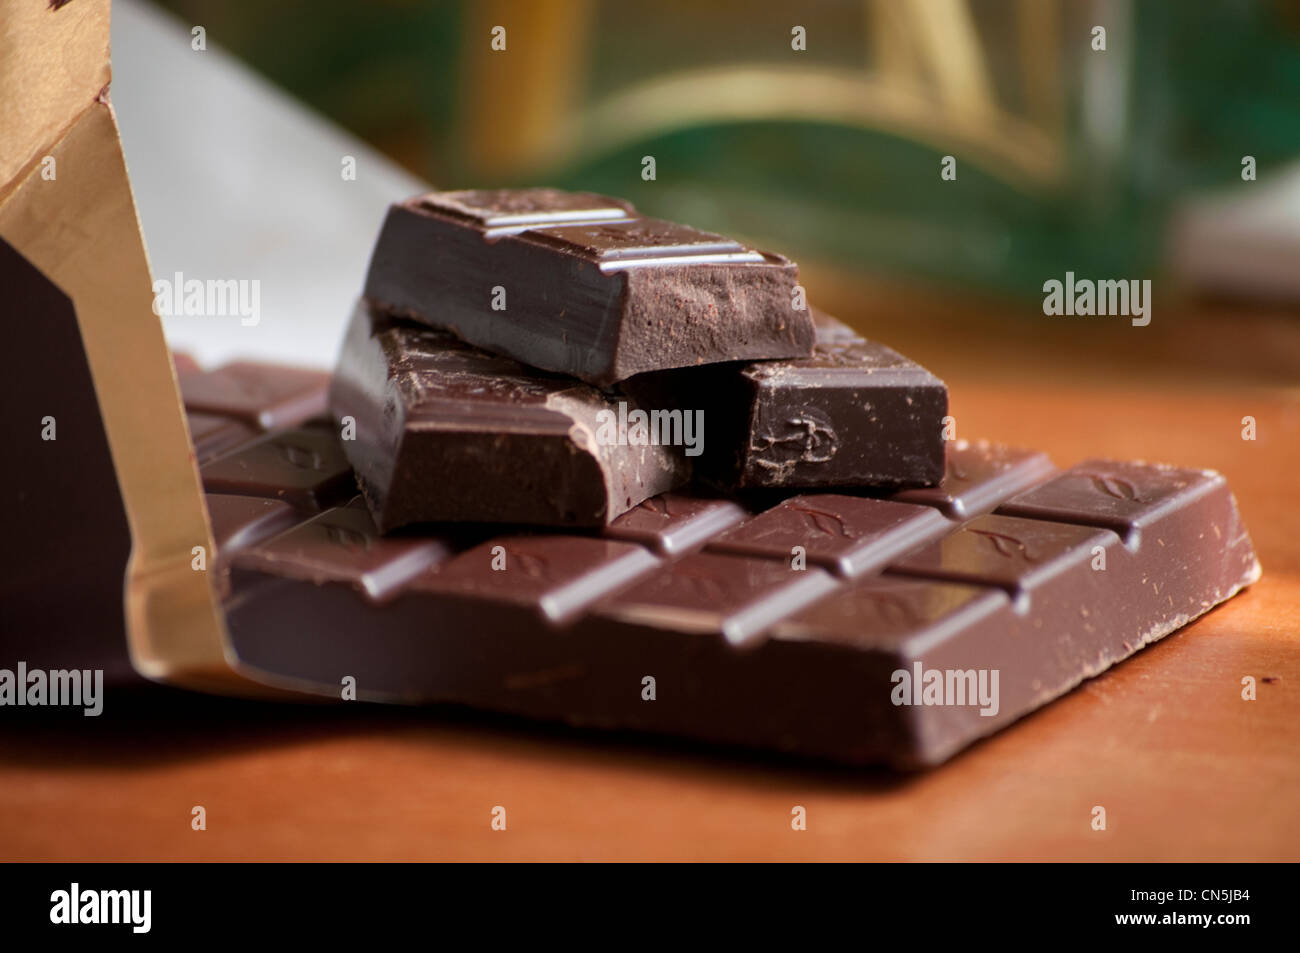 Dark chocolate bar nel legatore. Immagini Stock